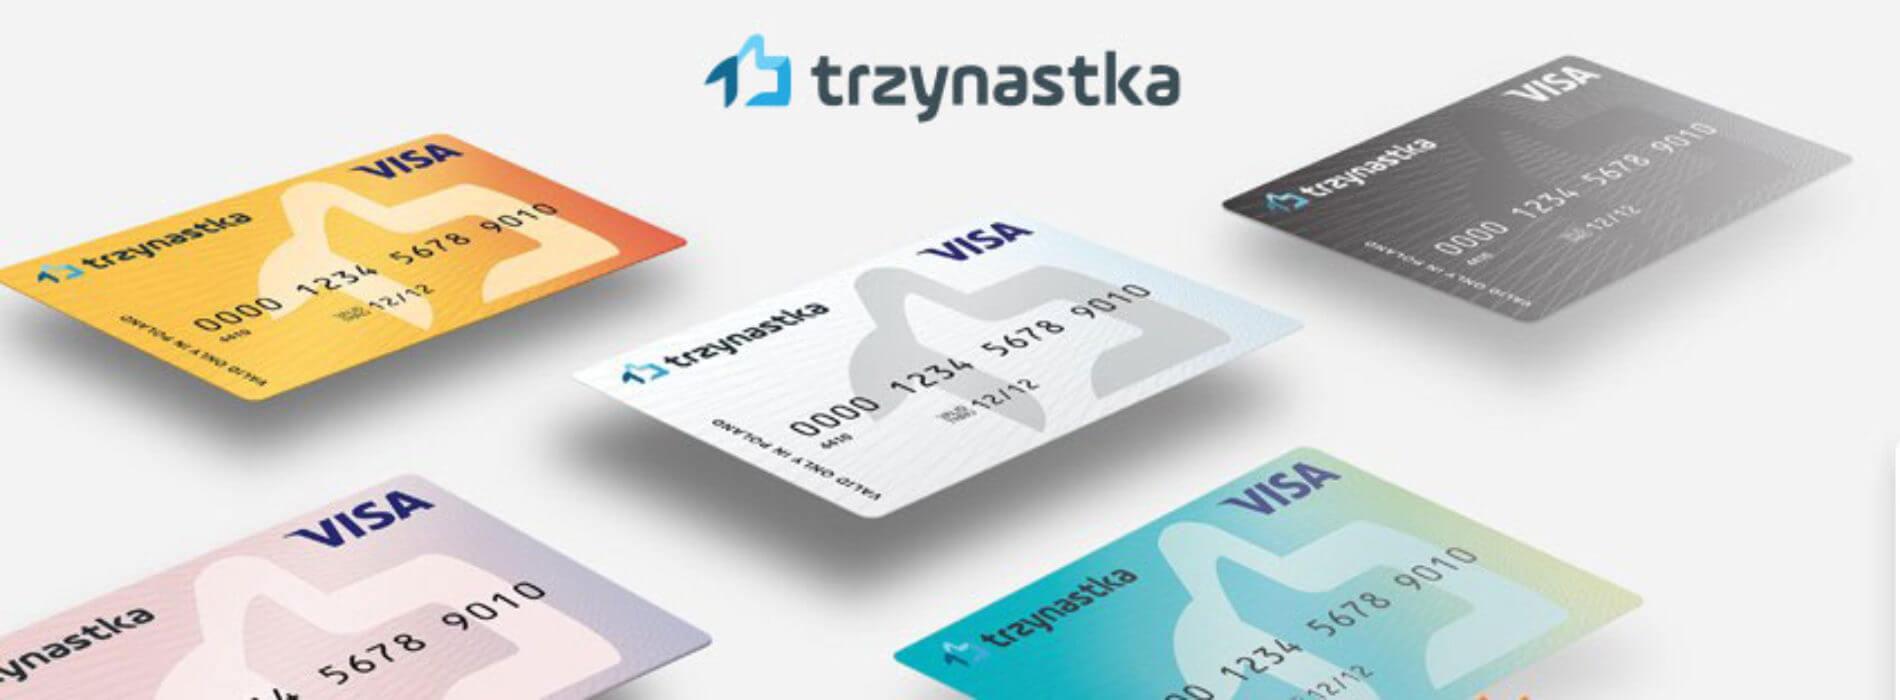 Karta Trzynastka – pożyczka na karcie kredytowej